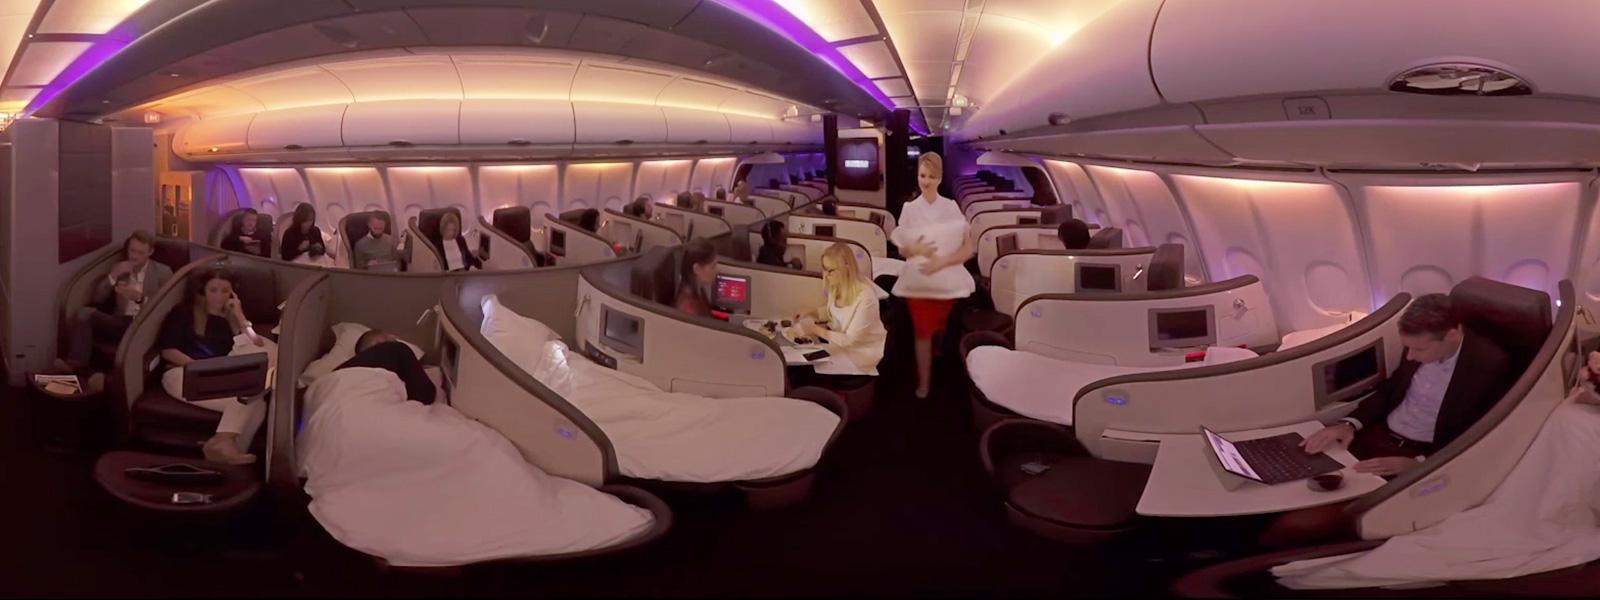 Два пассажира рейса Virgin Atlantic используют сенсорный экран в подголовнике кресла